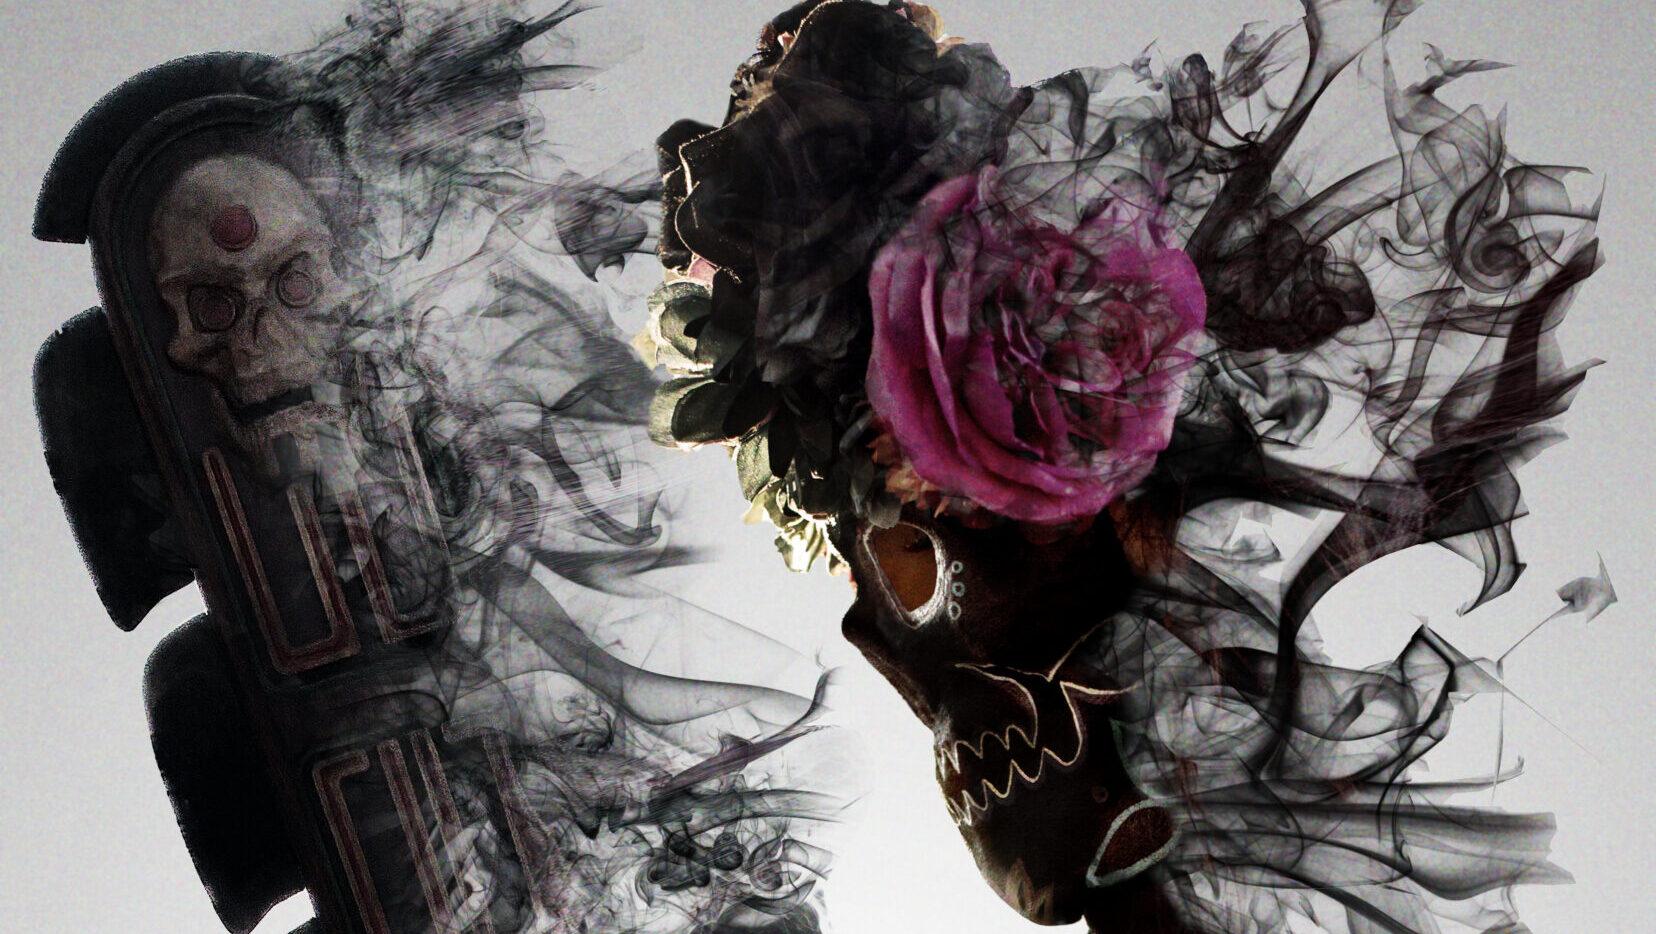 La directora Gigi Saul Guerrero se inspira en cultura azteca para hacer cine de terror